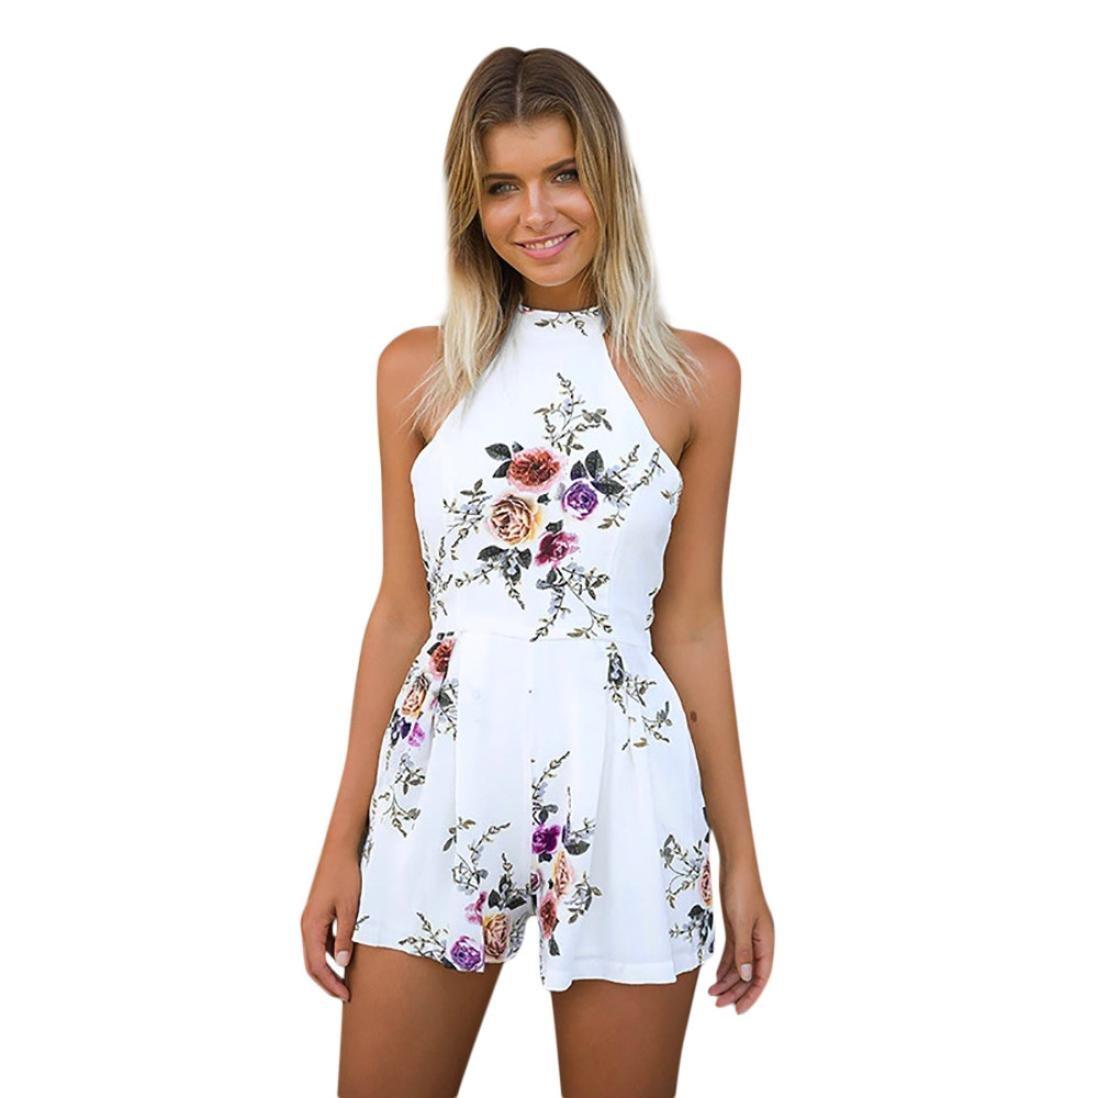 Femme Vetement Chemise Blouse T-Shirt Top ÉLéGant Chic Gothique Ete Haut Cou Floral Mini Combi Summer Shorts Combinaison